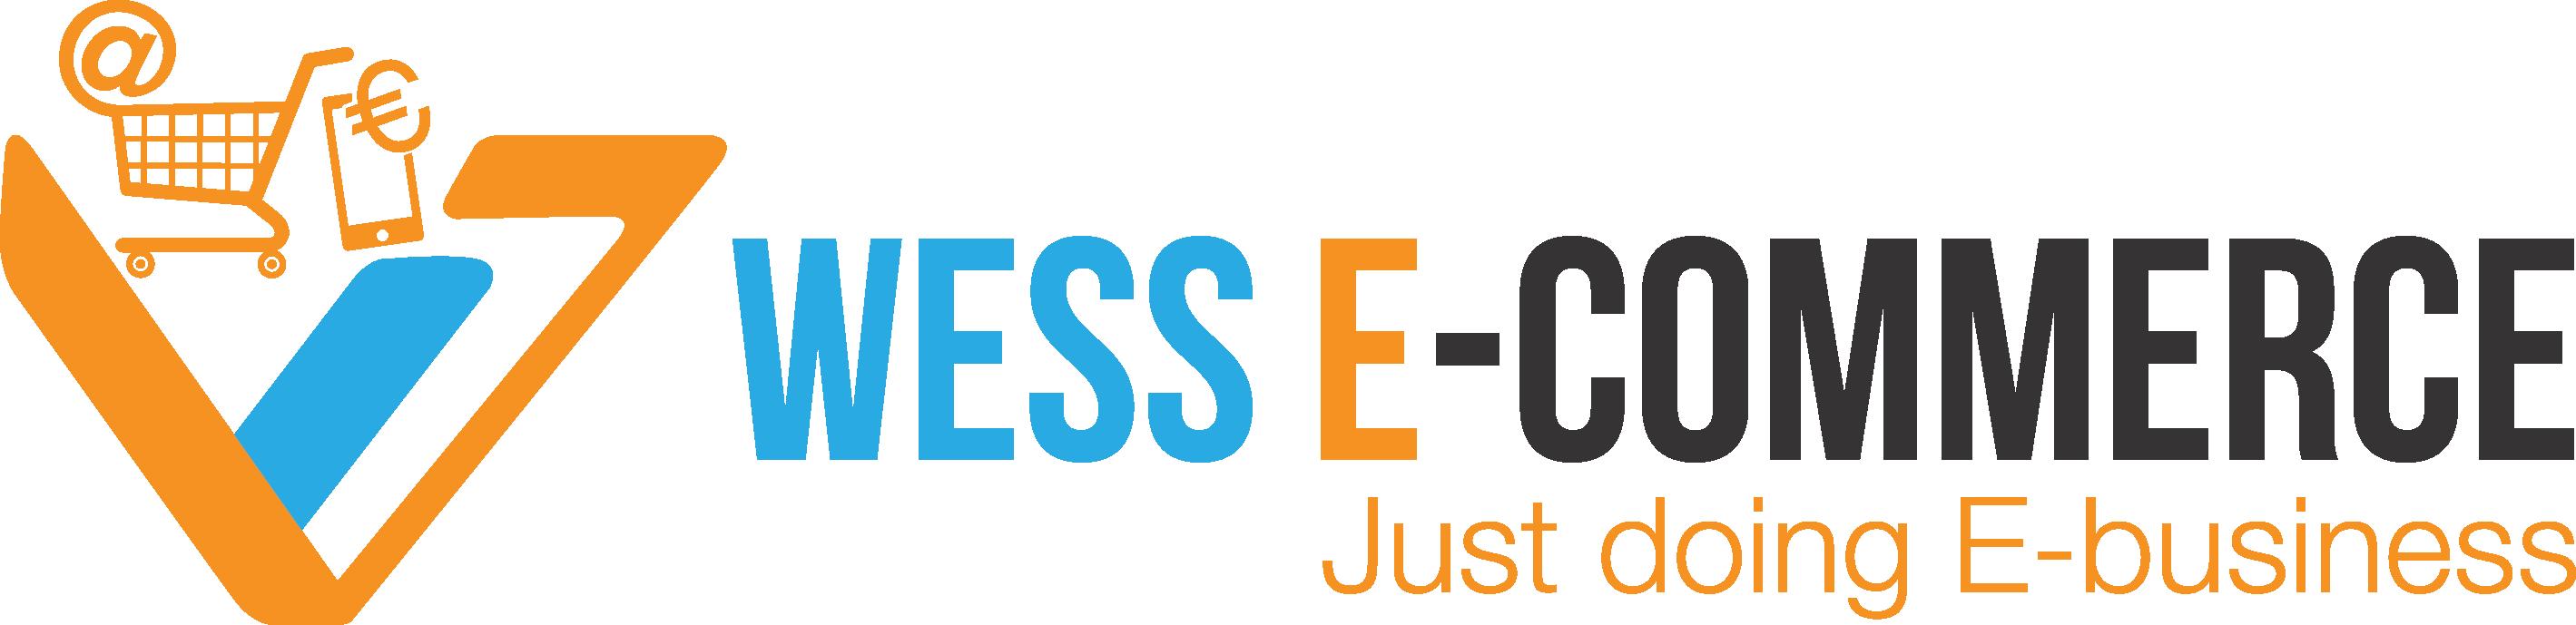 E-Commerce Class